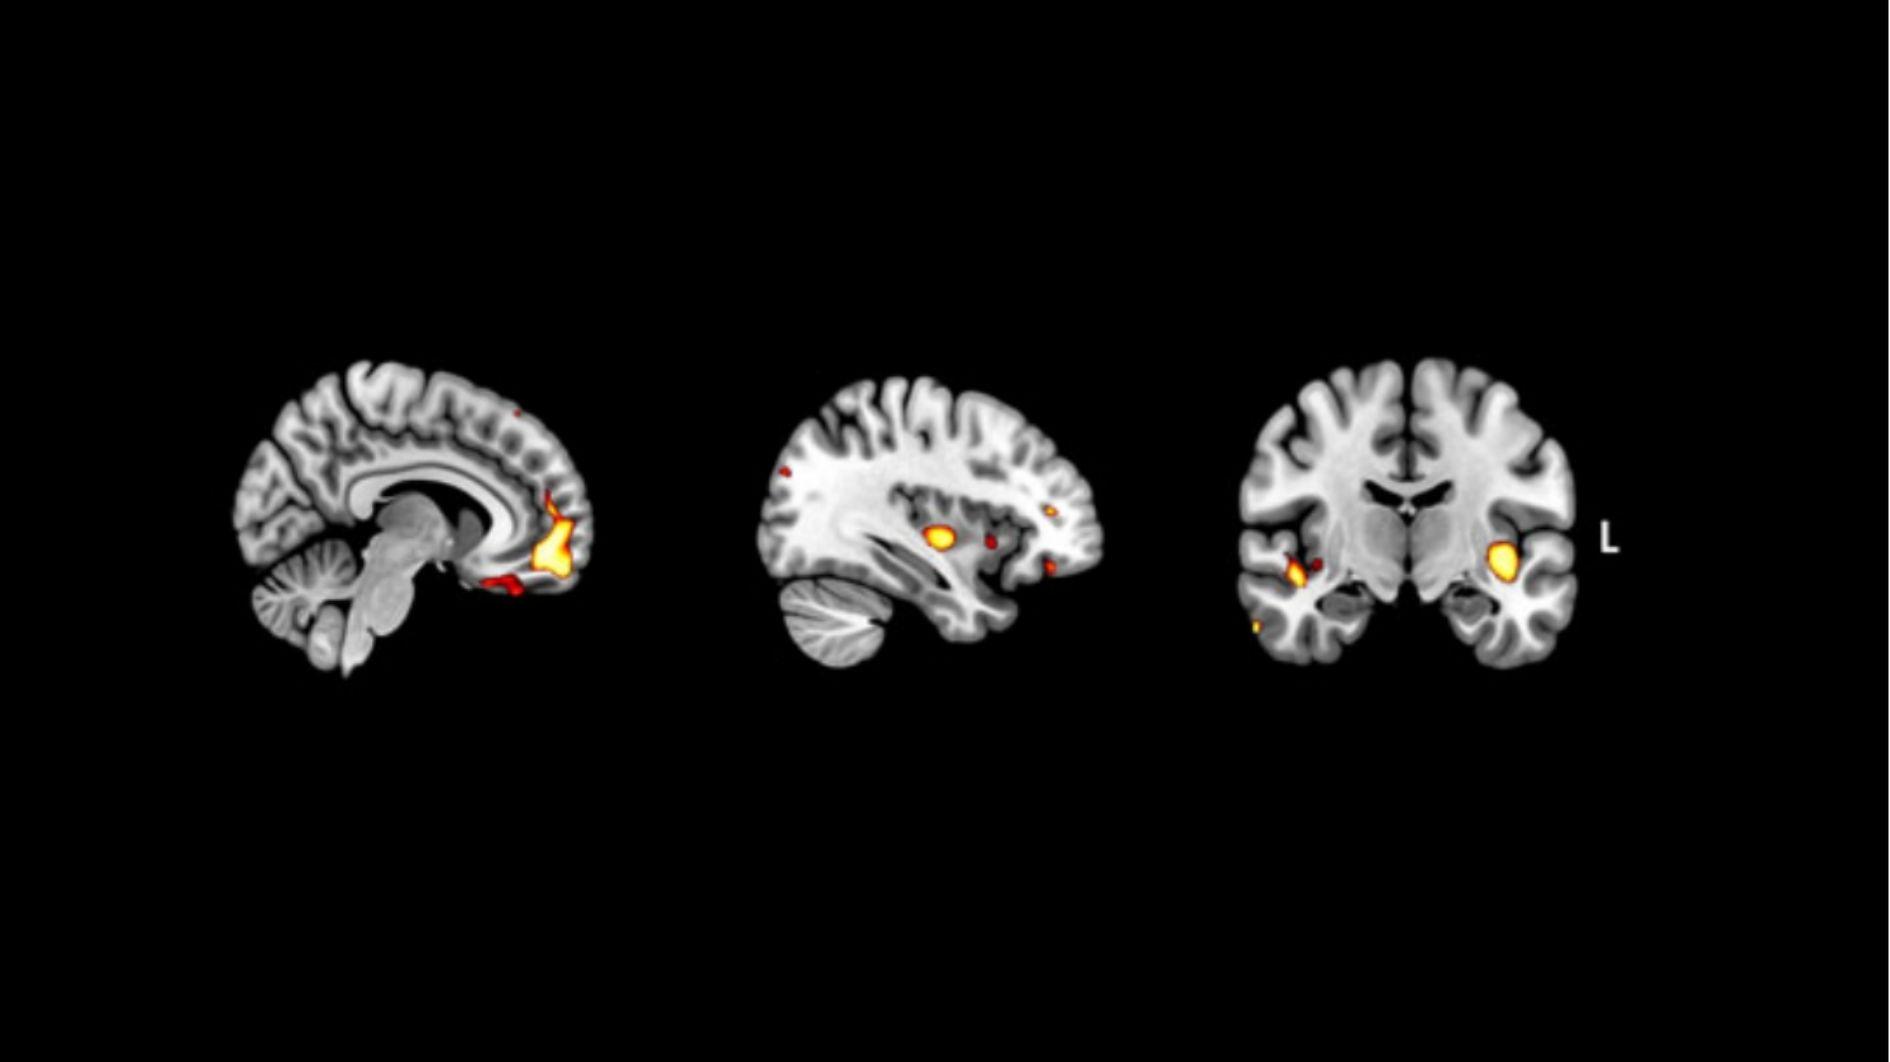 快感を感じる神経回路の死滅が「うつ病」と誤診されている